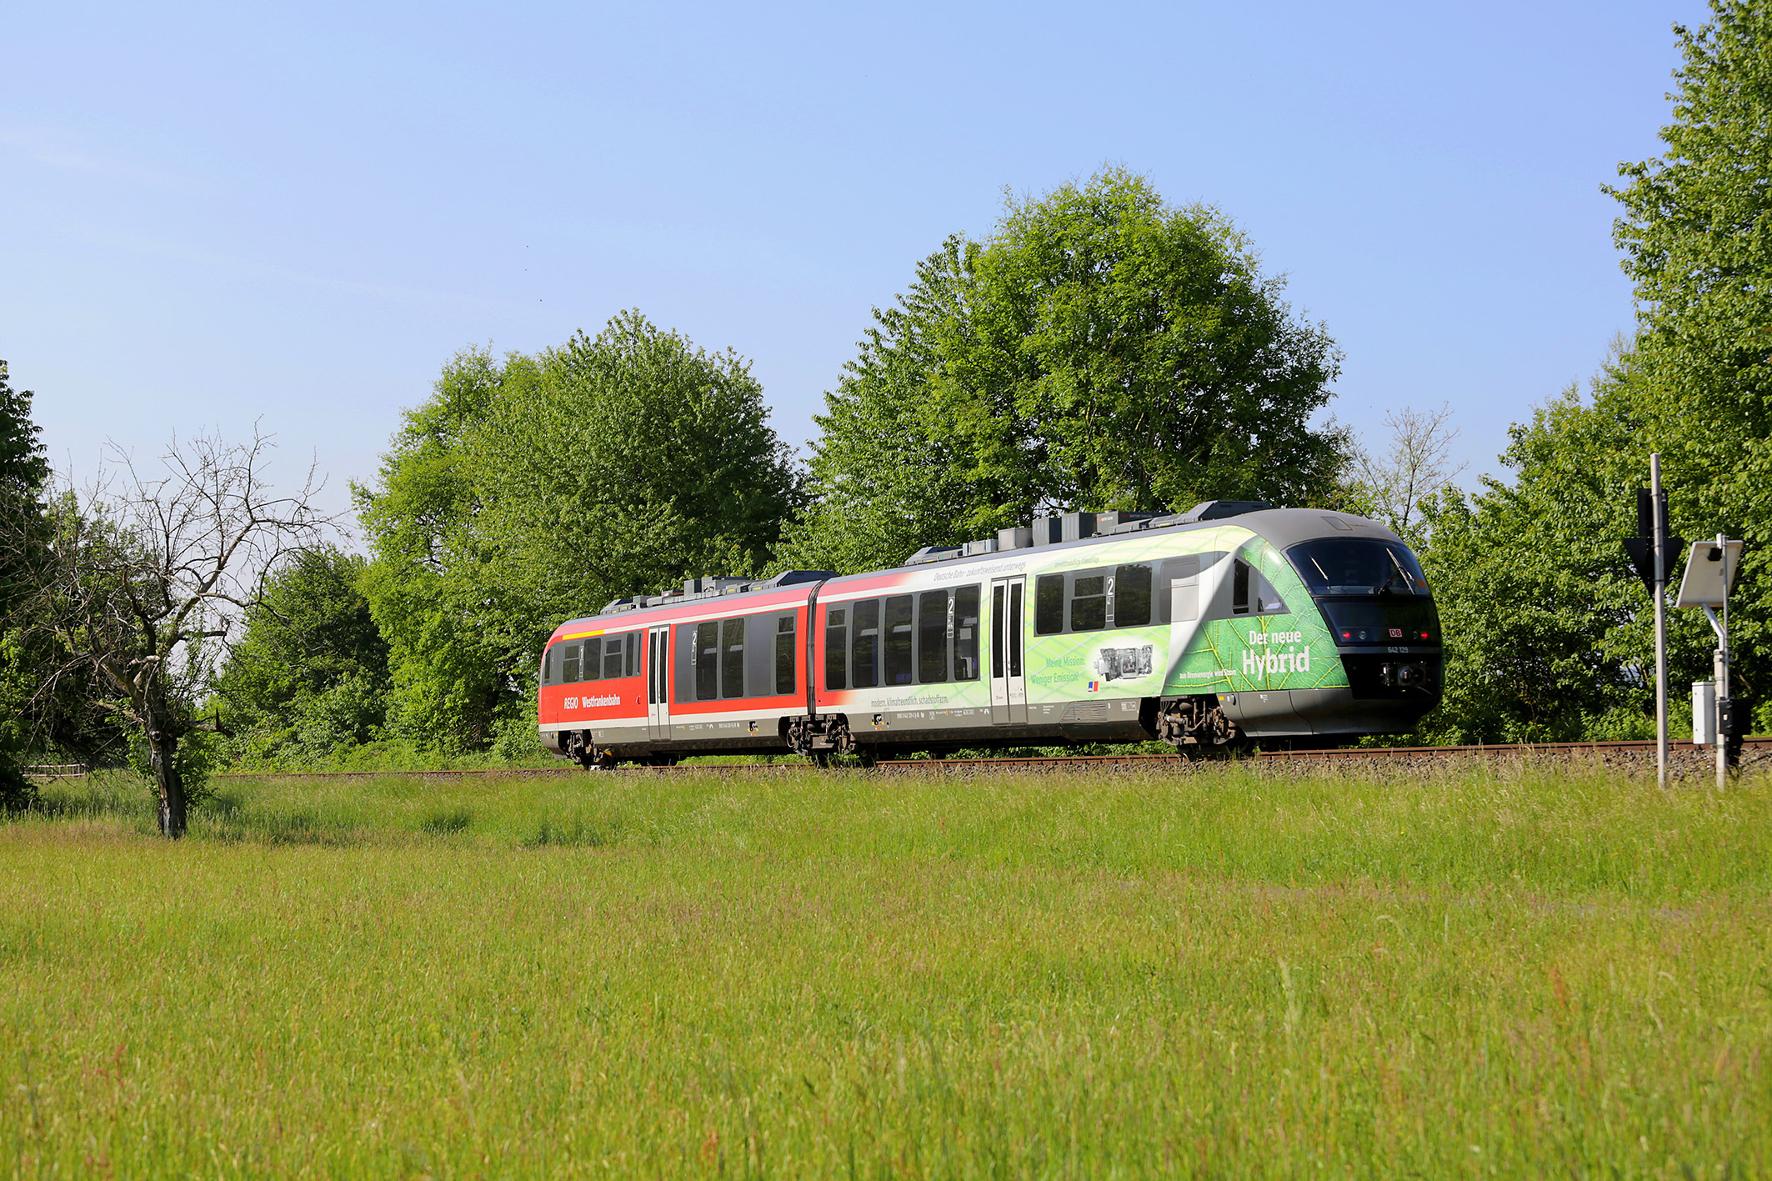 mid-en Groß-Gerau – Das neue Antriebssystem der Rolls-Royce-Marke MTU soll den Bahnverkehr künftig ökonomischer machen.